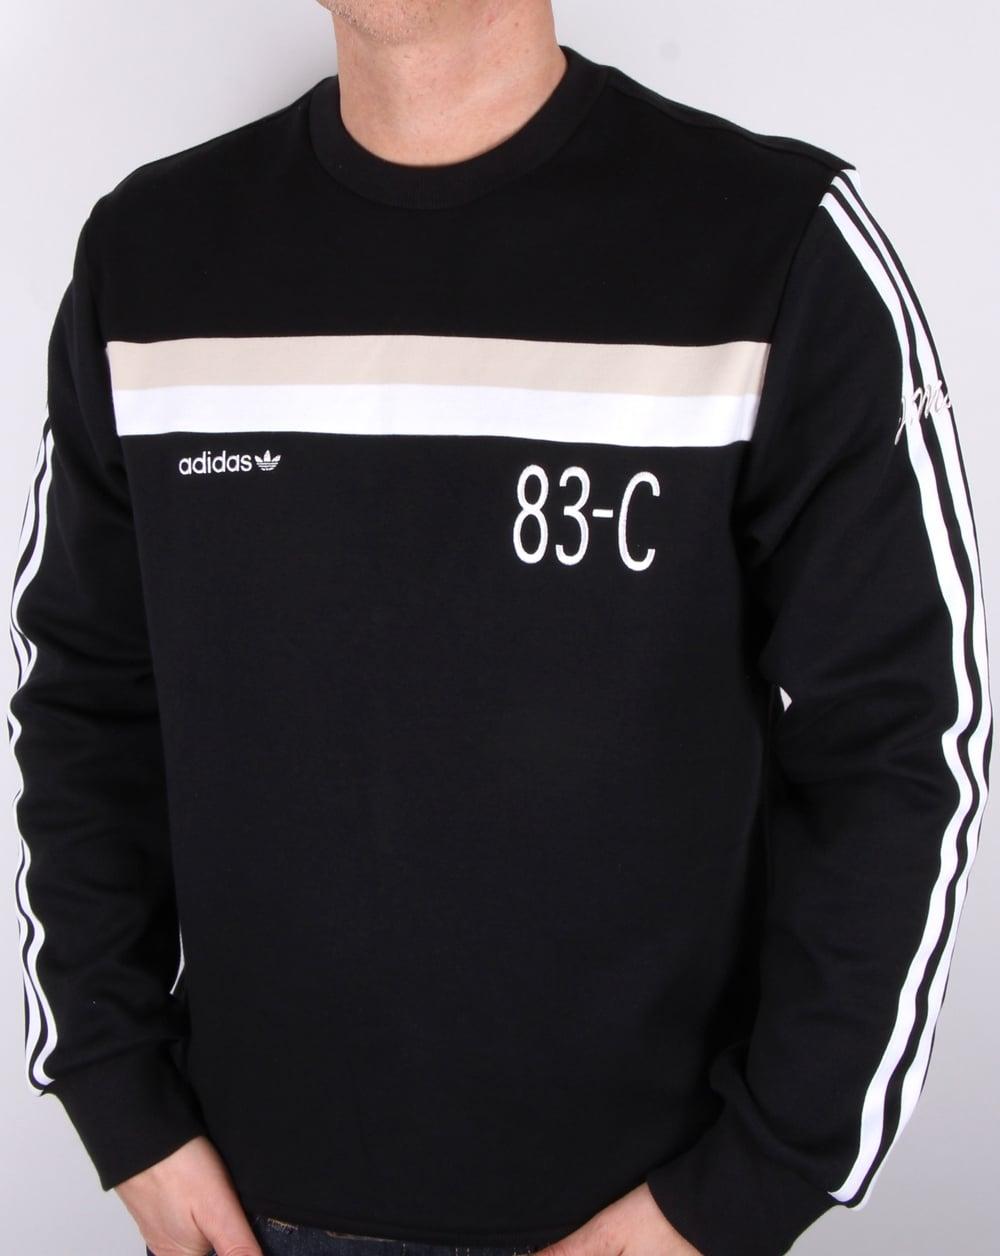 a37f6d75bbb8 adidas Originals Adidas Originals 83-c Sweatshirt Black